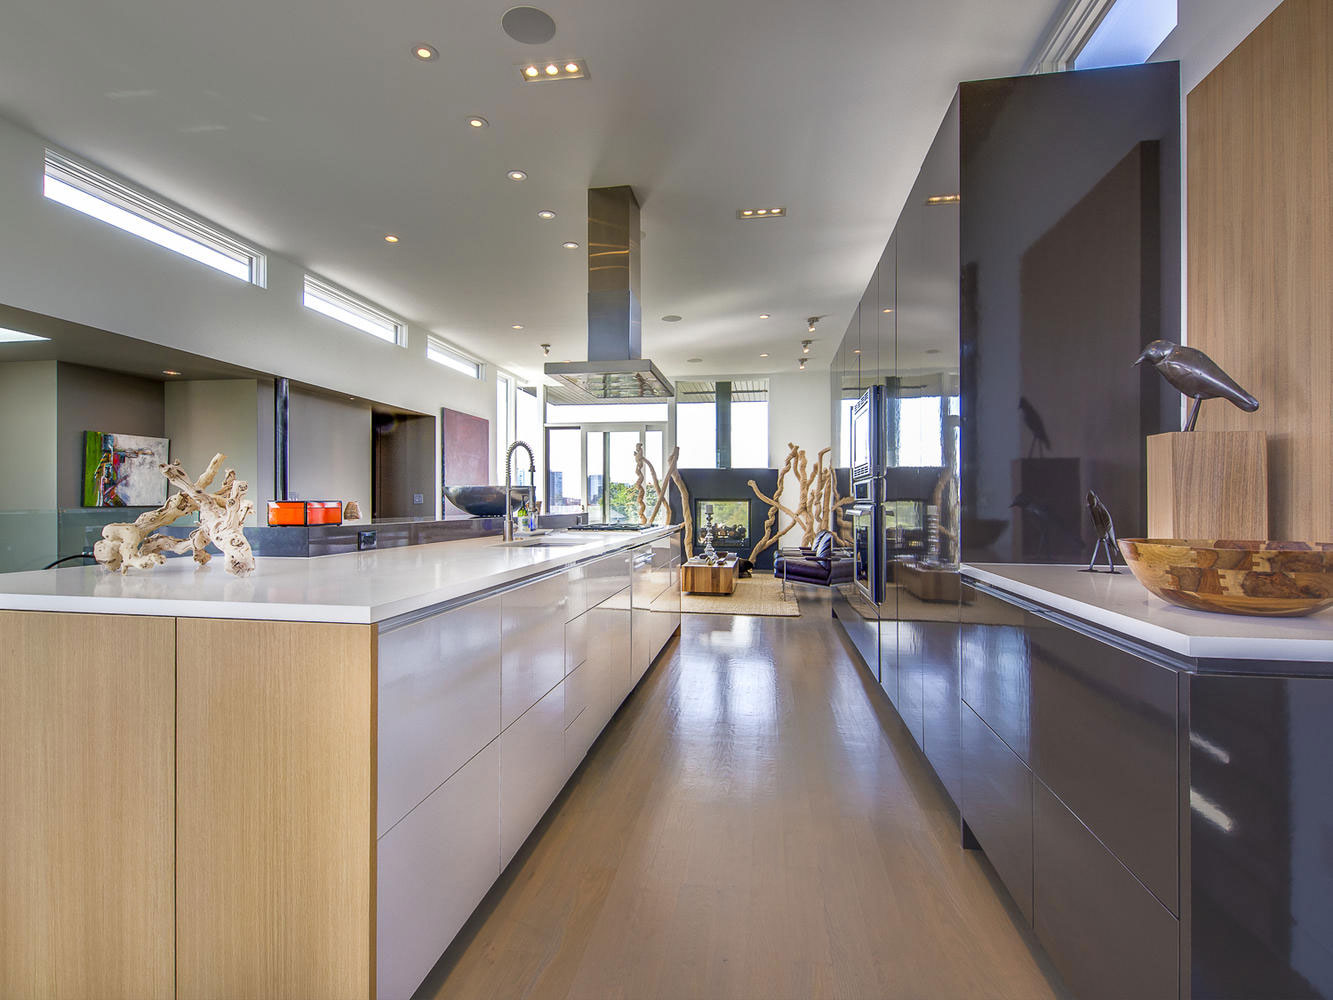 Роскошный интерьер кухни в загородном доме - Фото 14